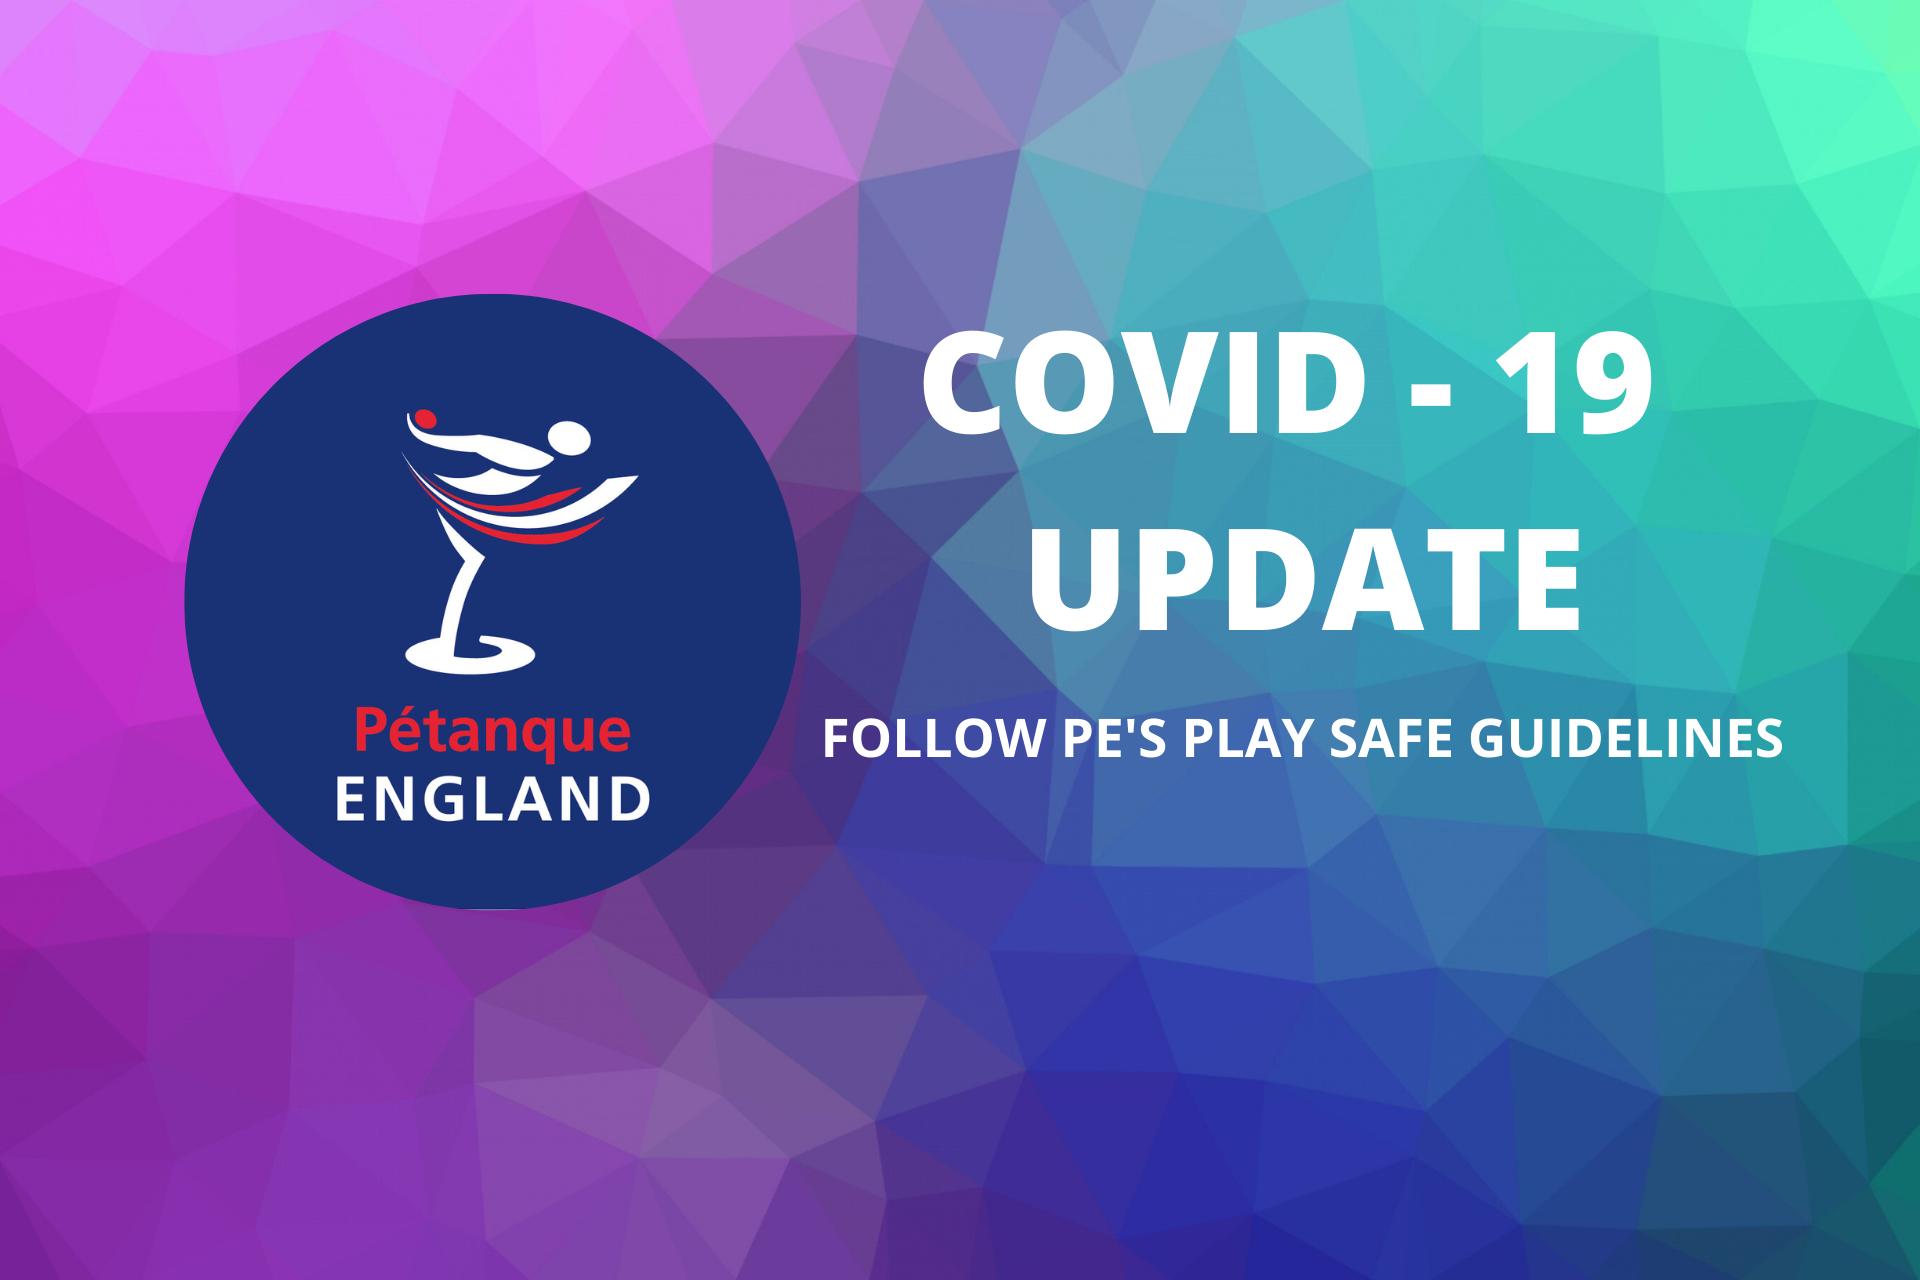 COVID - 19 UPDATE